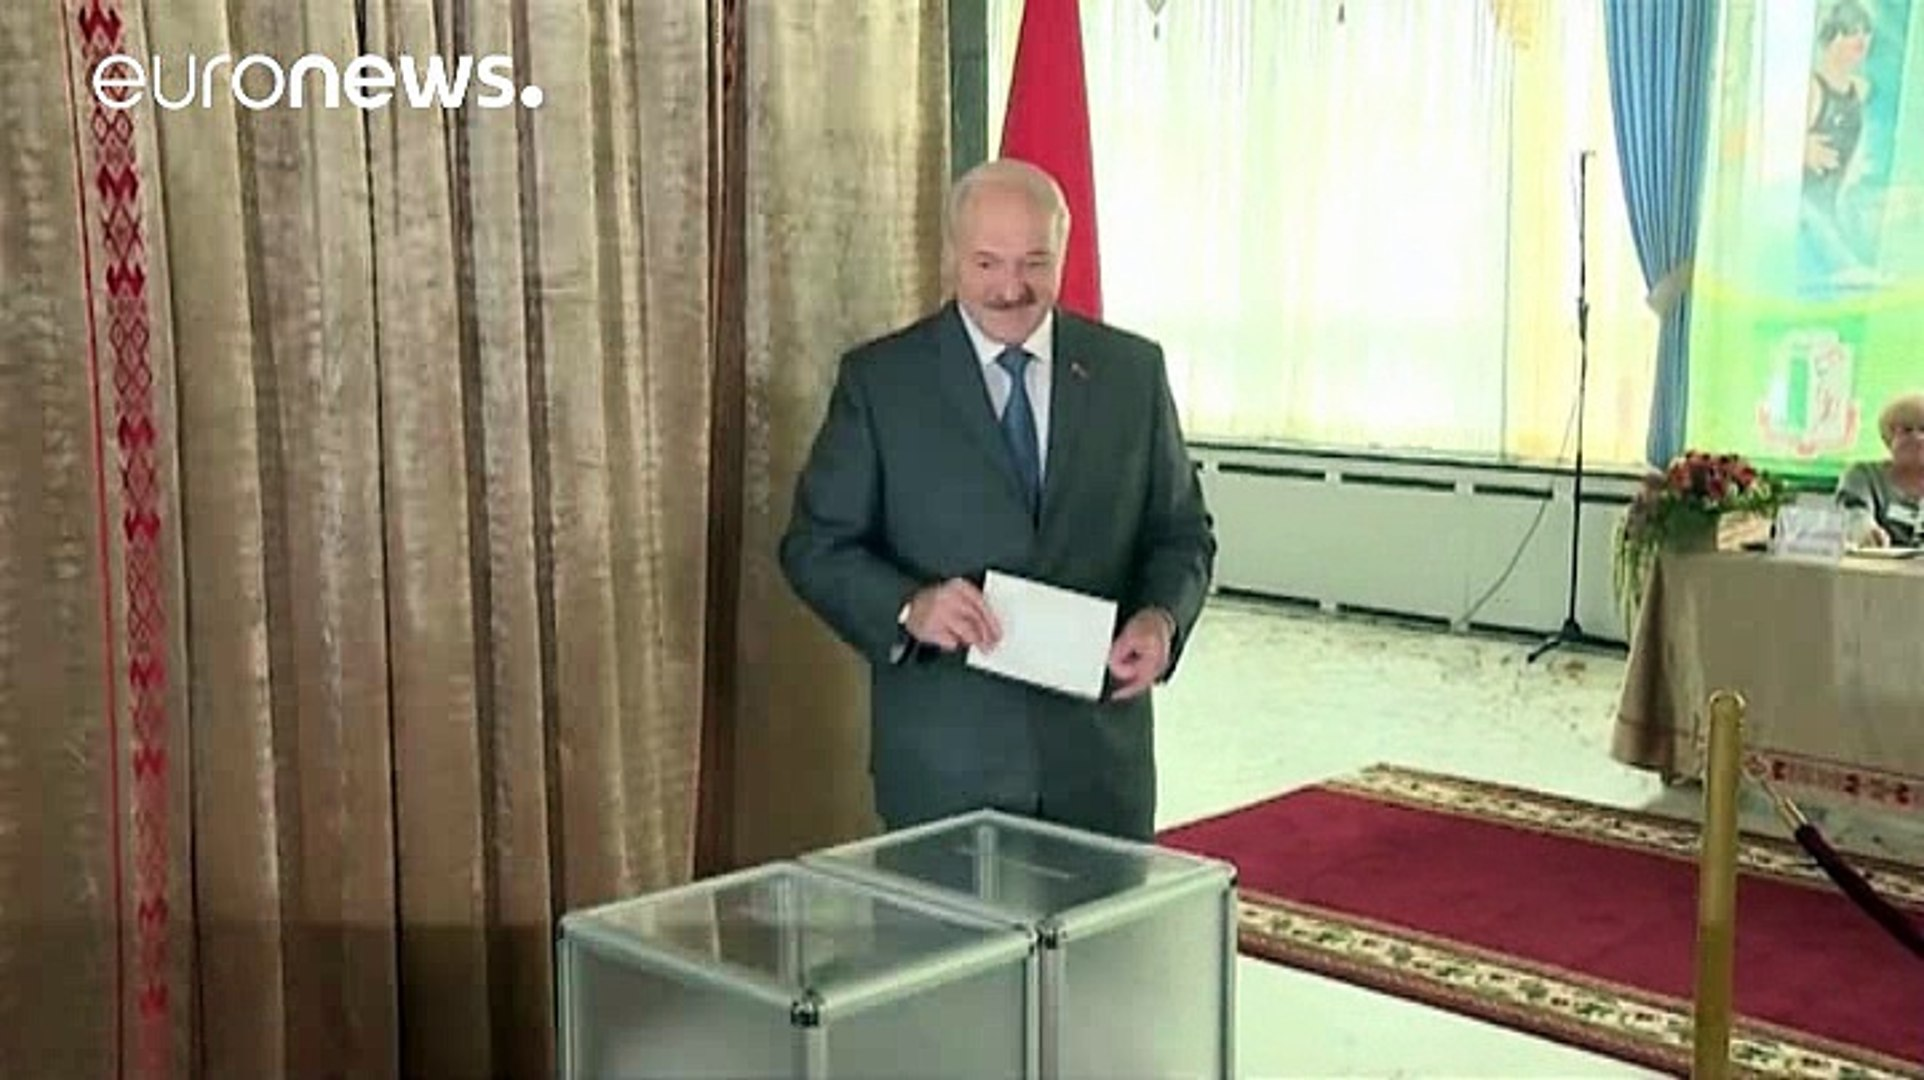 Впервые за 20 лет в парламент Беларусии войдет член оппозиции